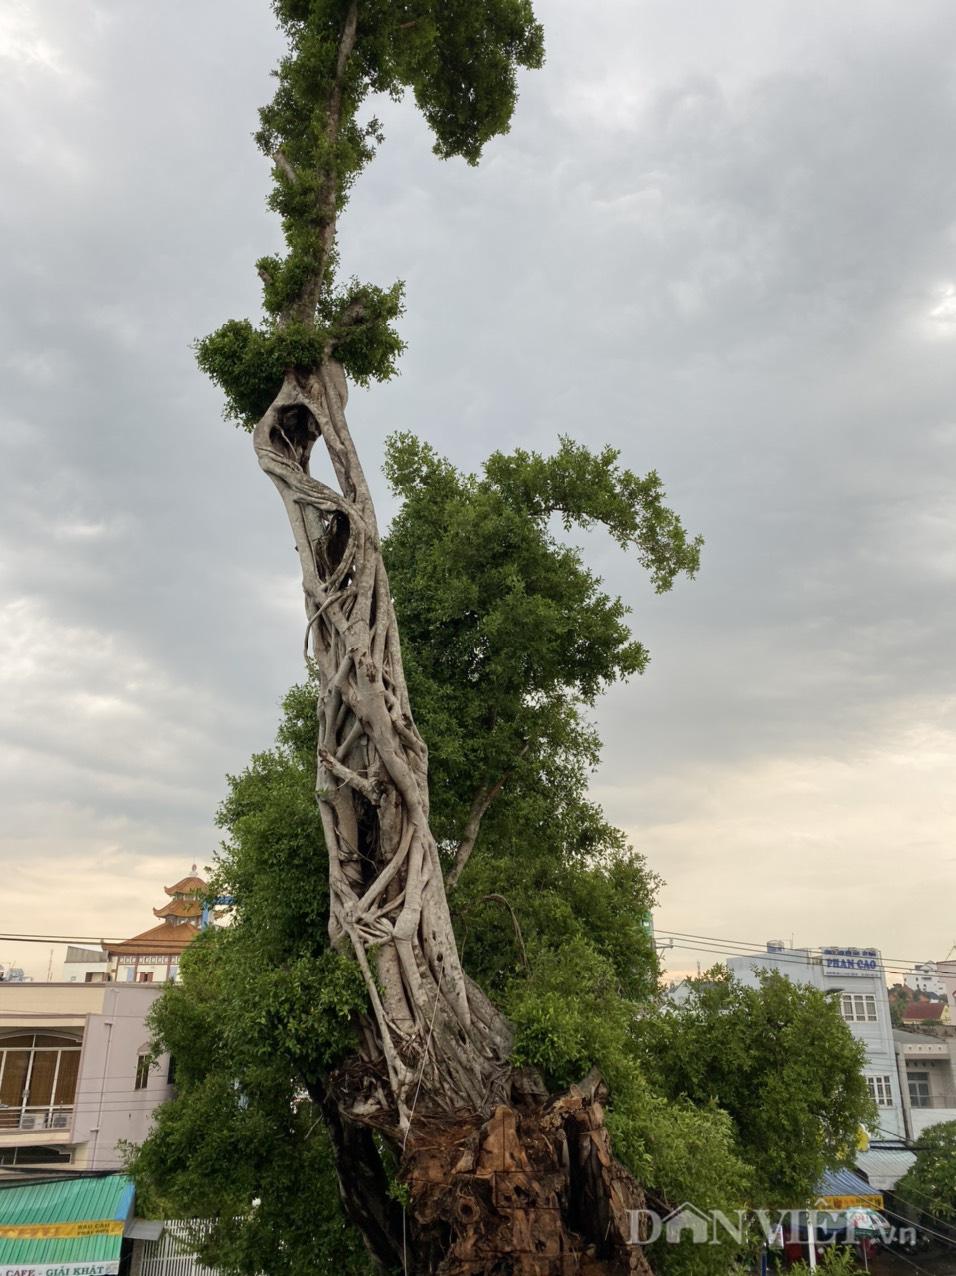 Đồng Tháp: Dời nhà dân để nhường sự sống cho cây da hơn 100 tuổi  - Ảnh 1.